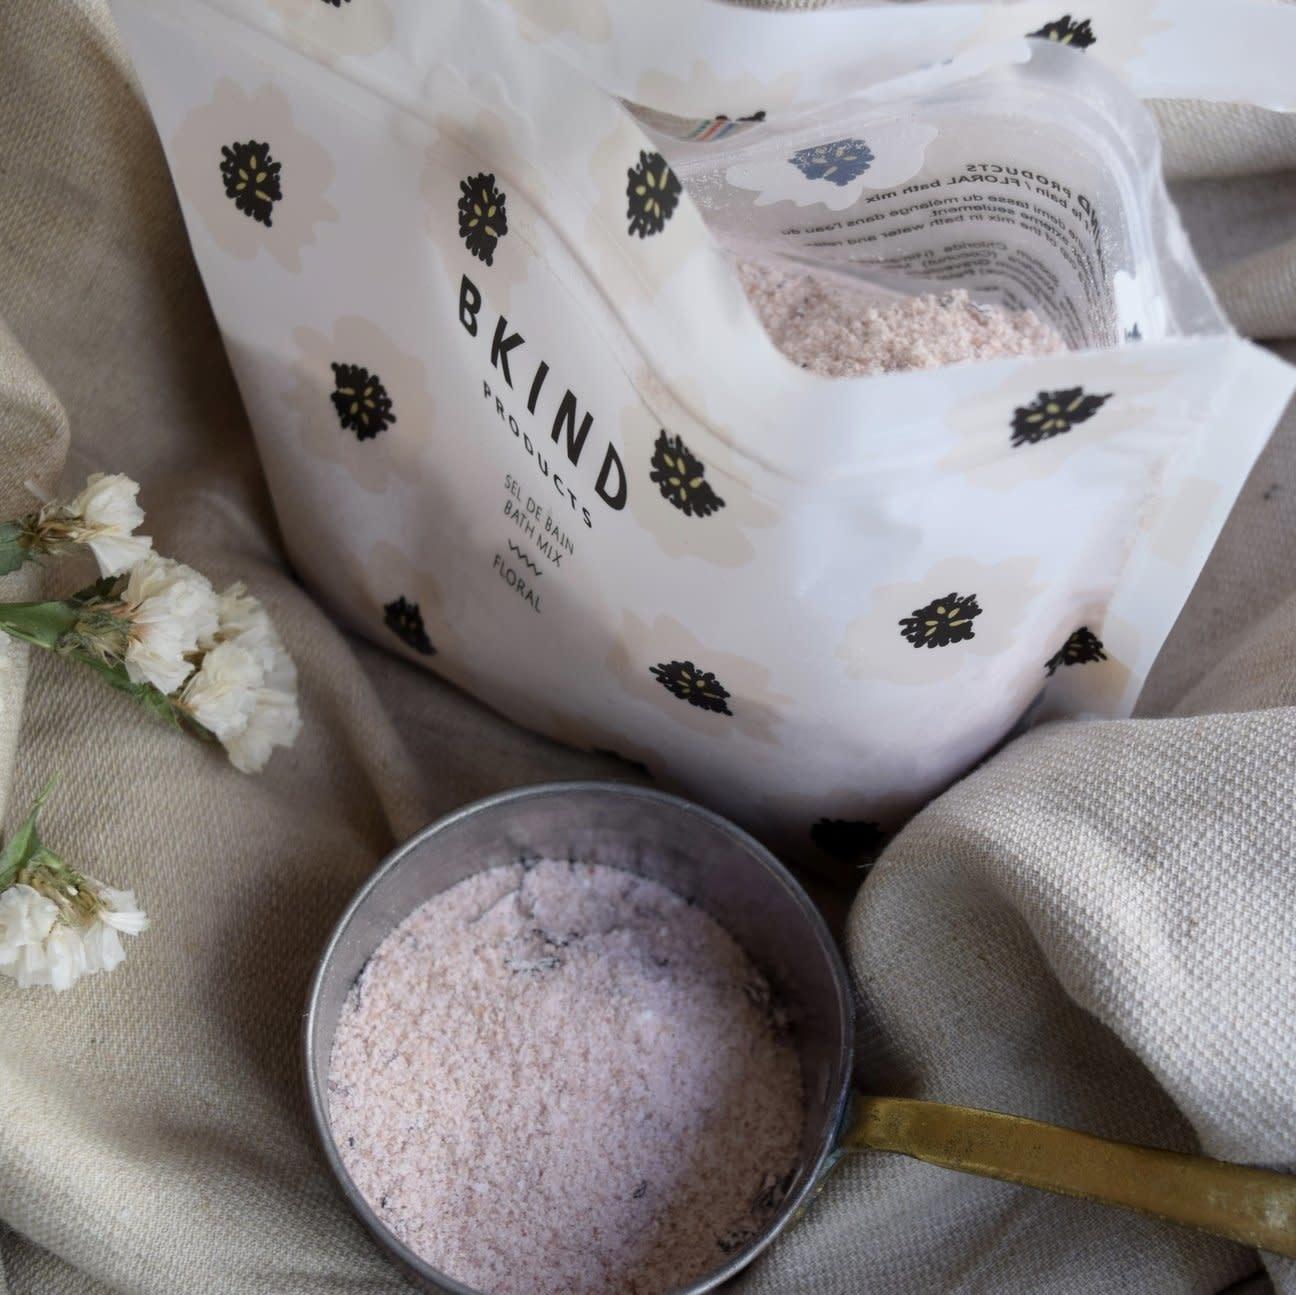 Floral Bath Mix